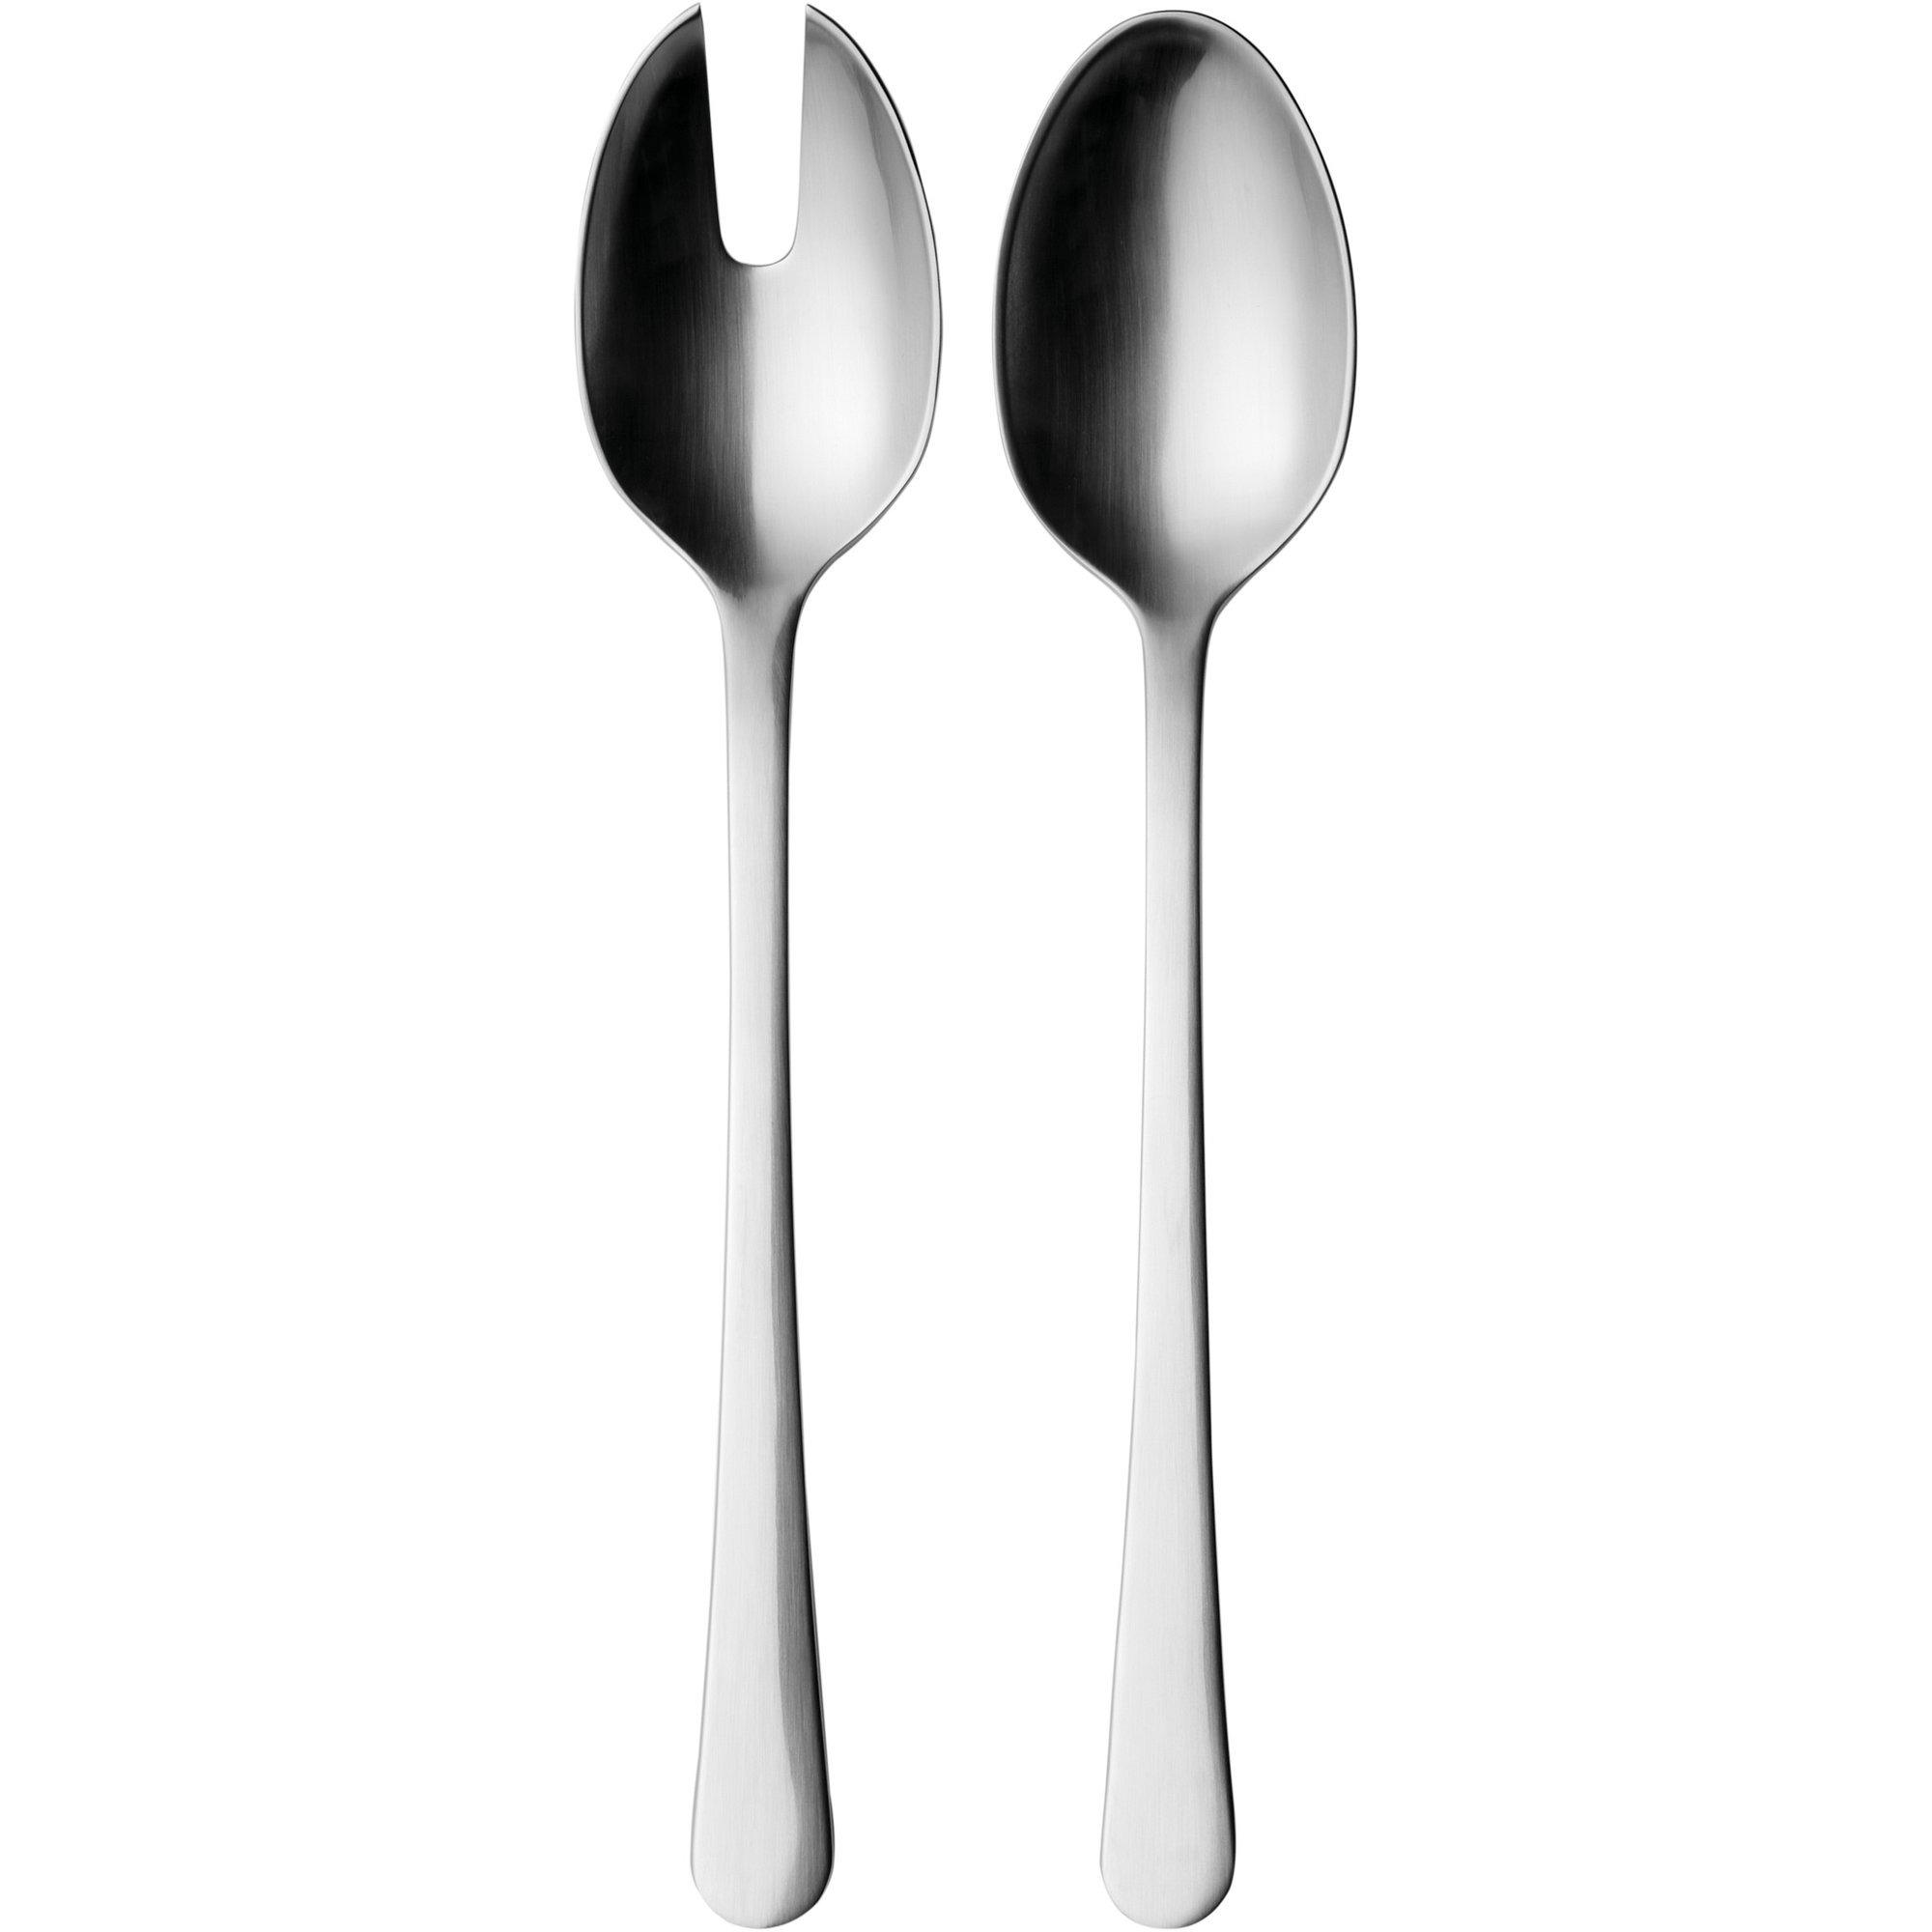 Georg Jensen Copenhagen serveringsset rostfritt stål